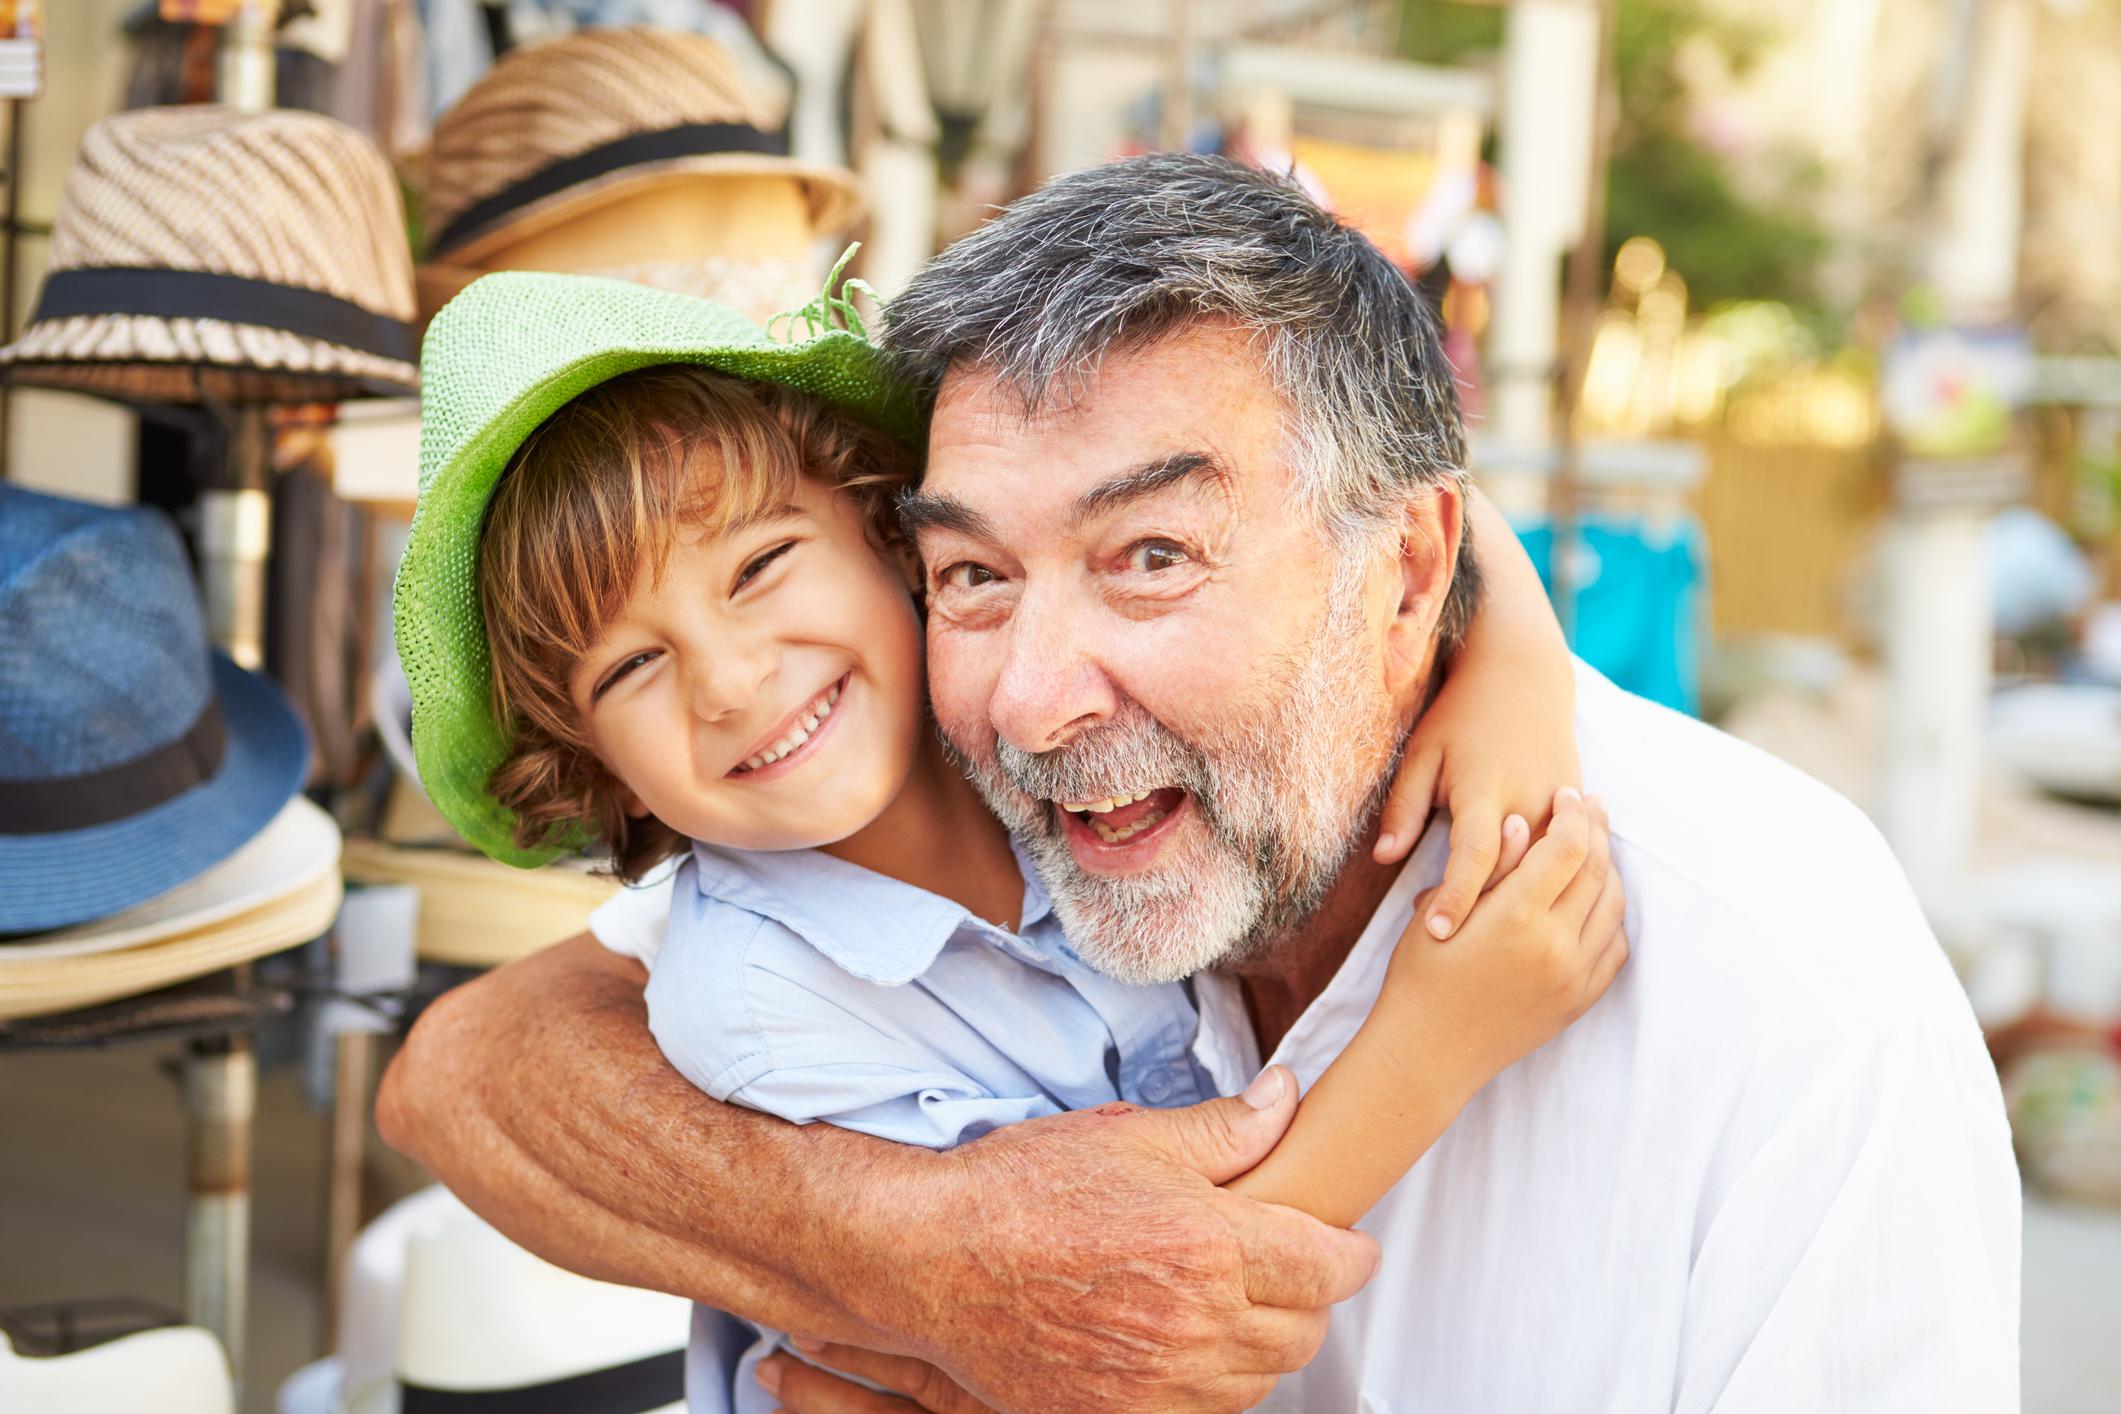 Đại học Harvard đã thực hiện một nghiên cứu dài nhất trong lịch sử loài người để trả lời cho câu hỏi làm sao để hạnh phúc - Ảnh 5.